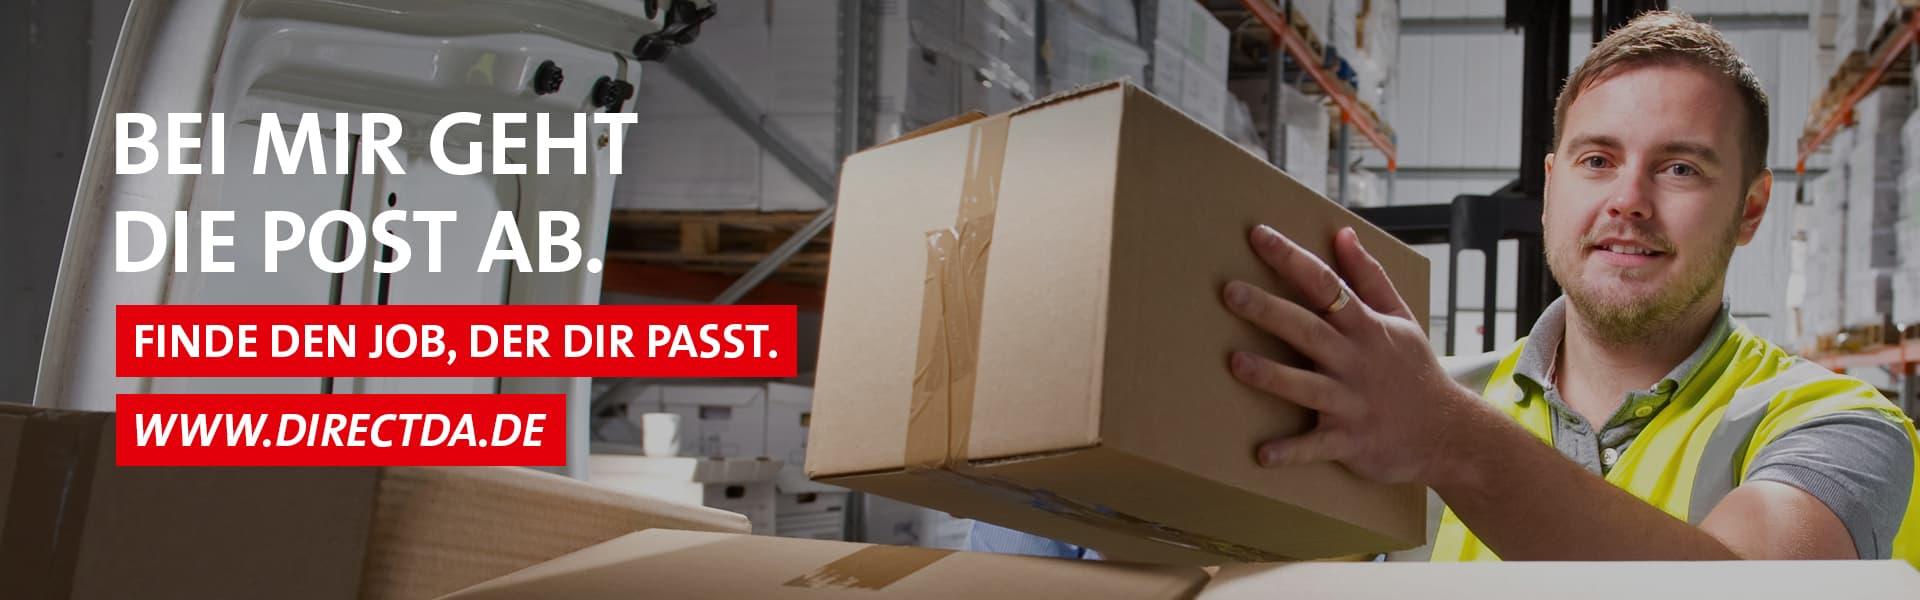 Stellenangebot Lagerarbeiter – Finde den Job, der dir passt. www.directda.de